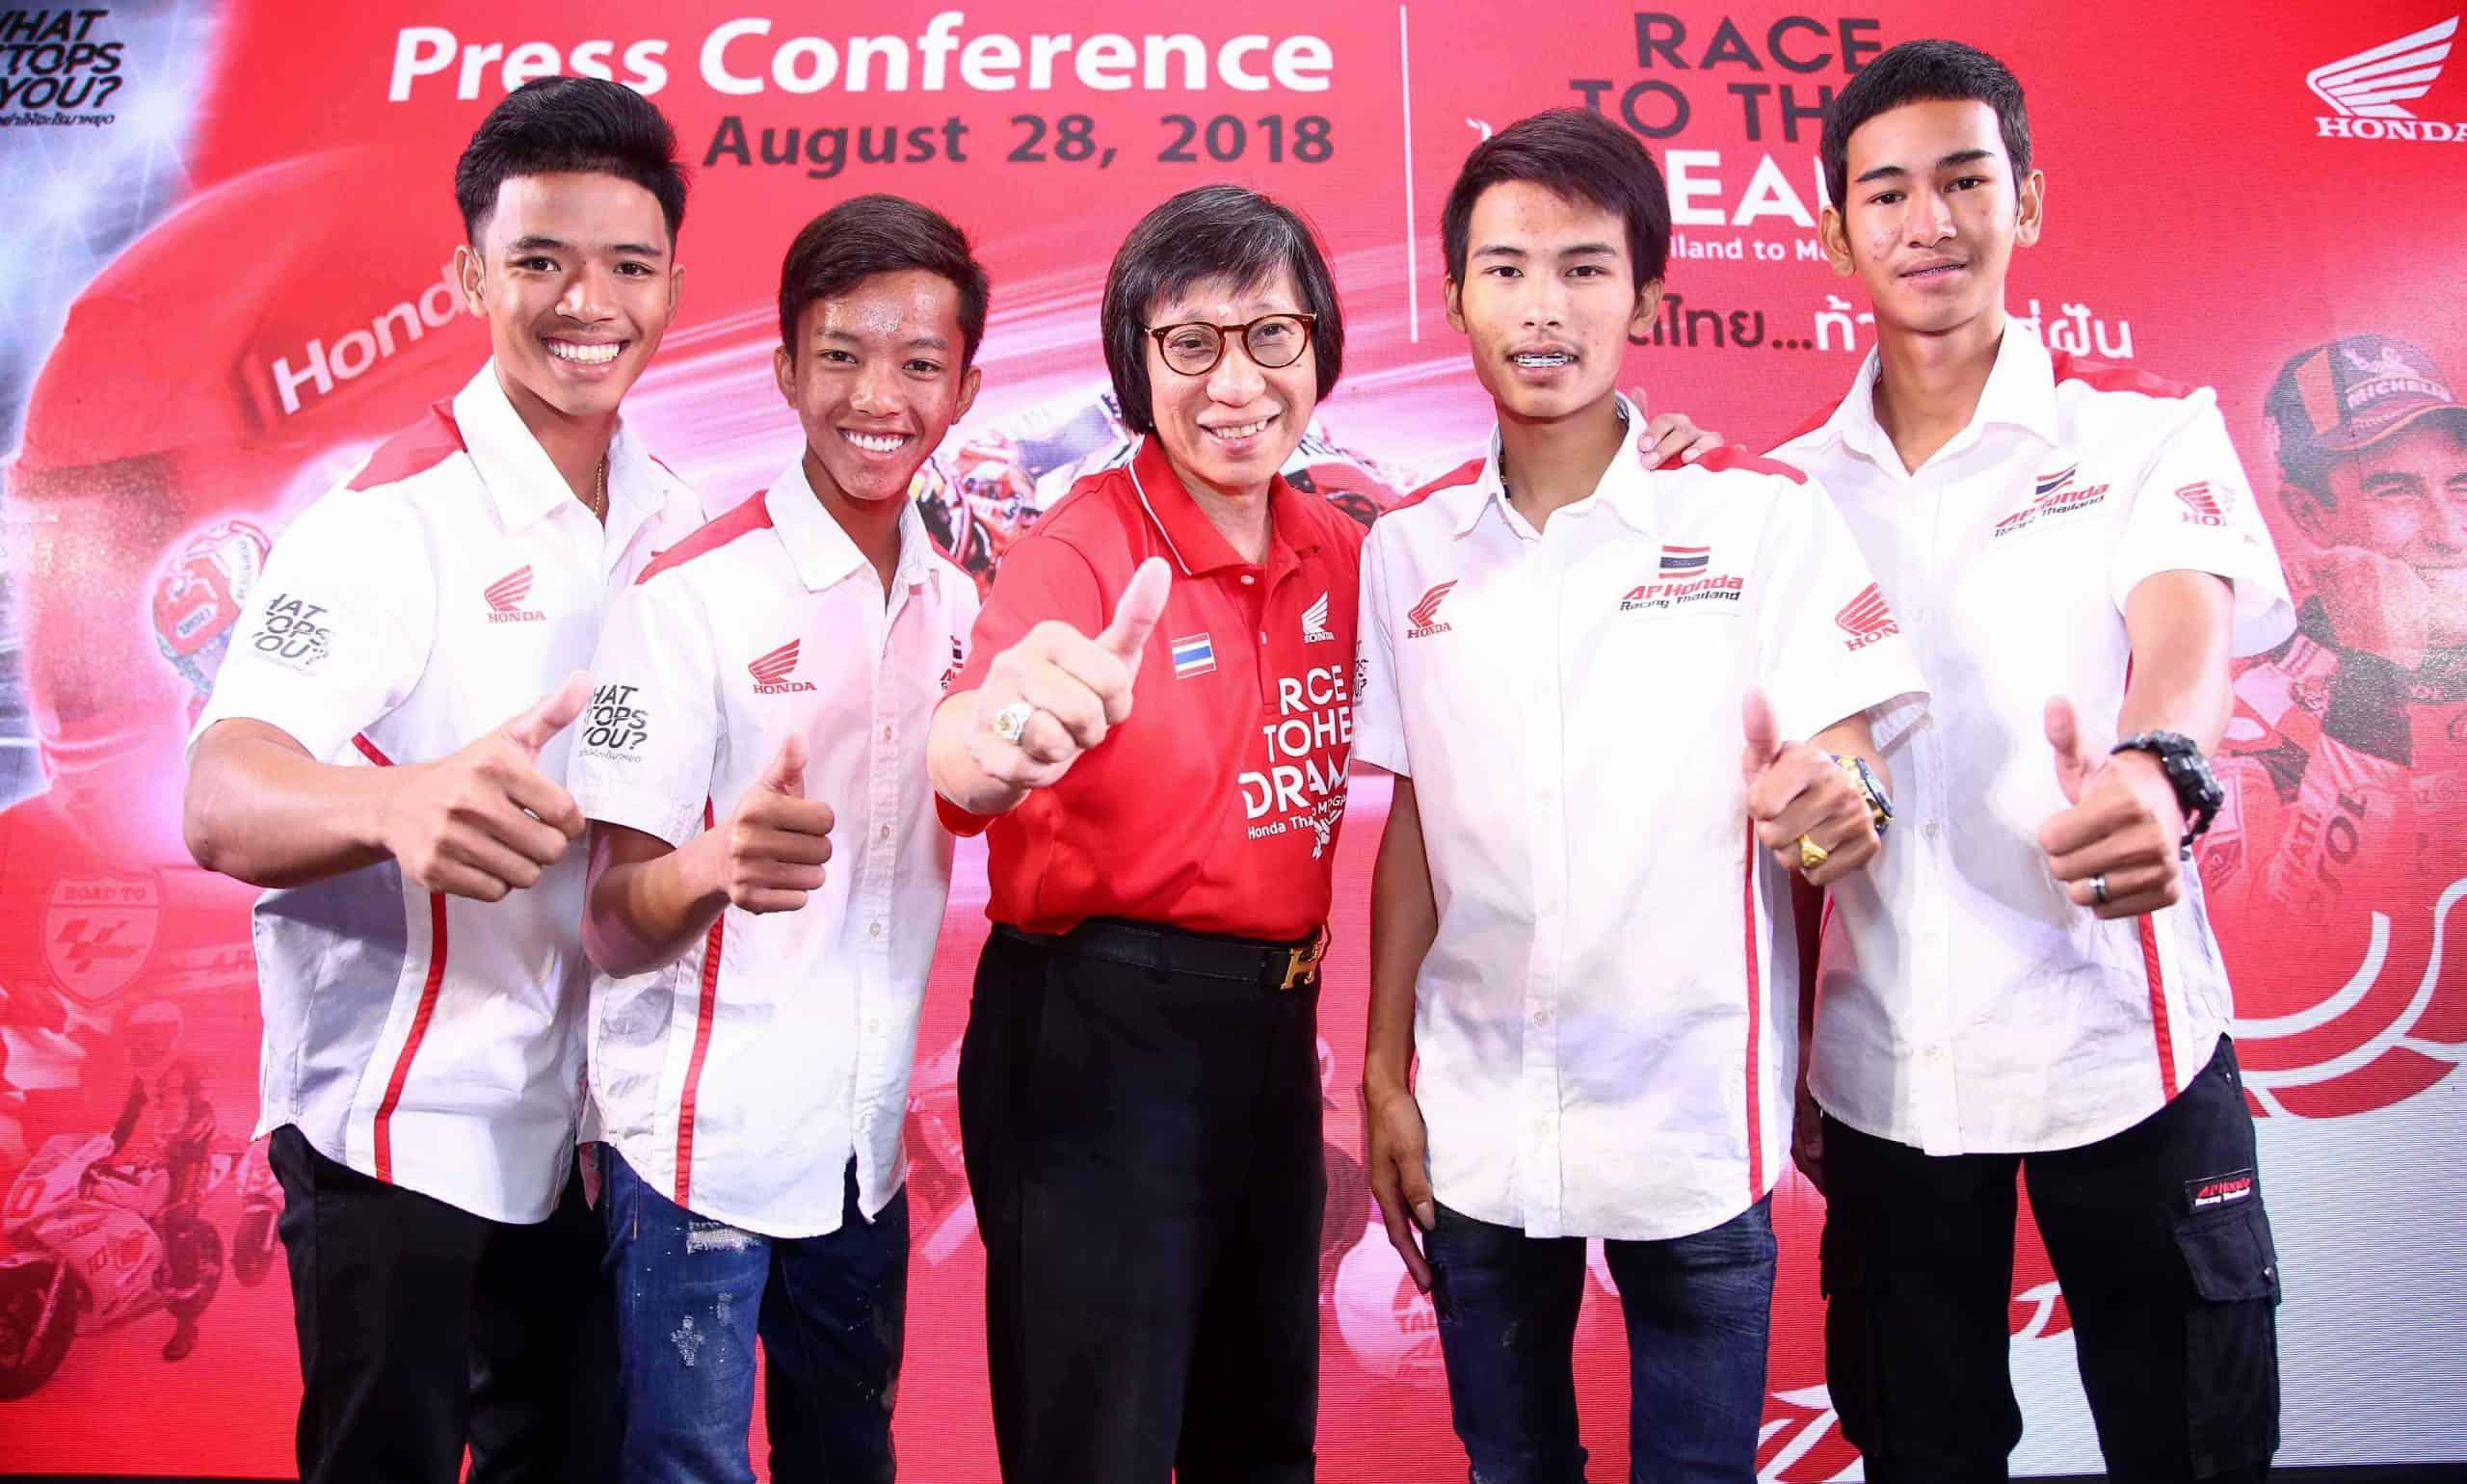 Honda ชวนคนไทยร่วมเชียร์นักแข่งไทยในบ้านเกิด รายการ PTT Thailand Grand Prix 2018 | MOTOWISH 5